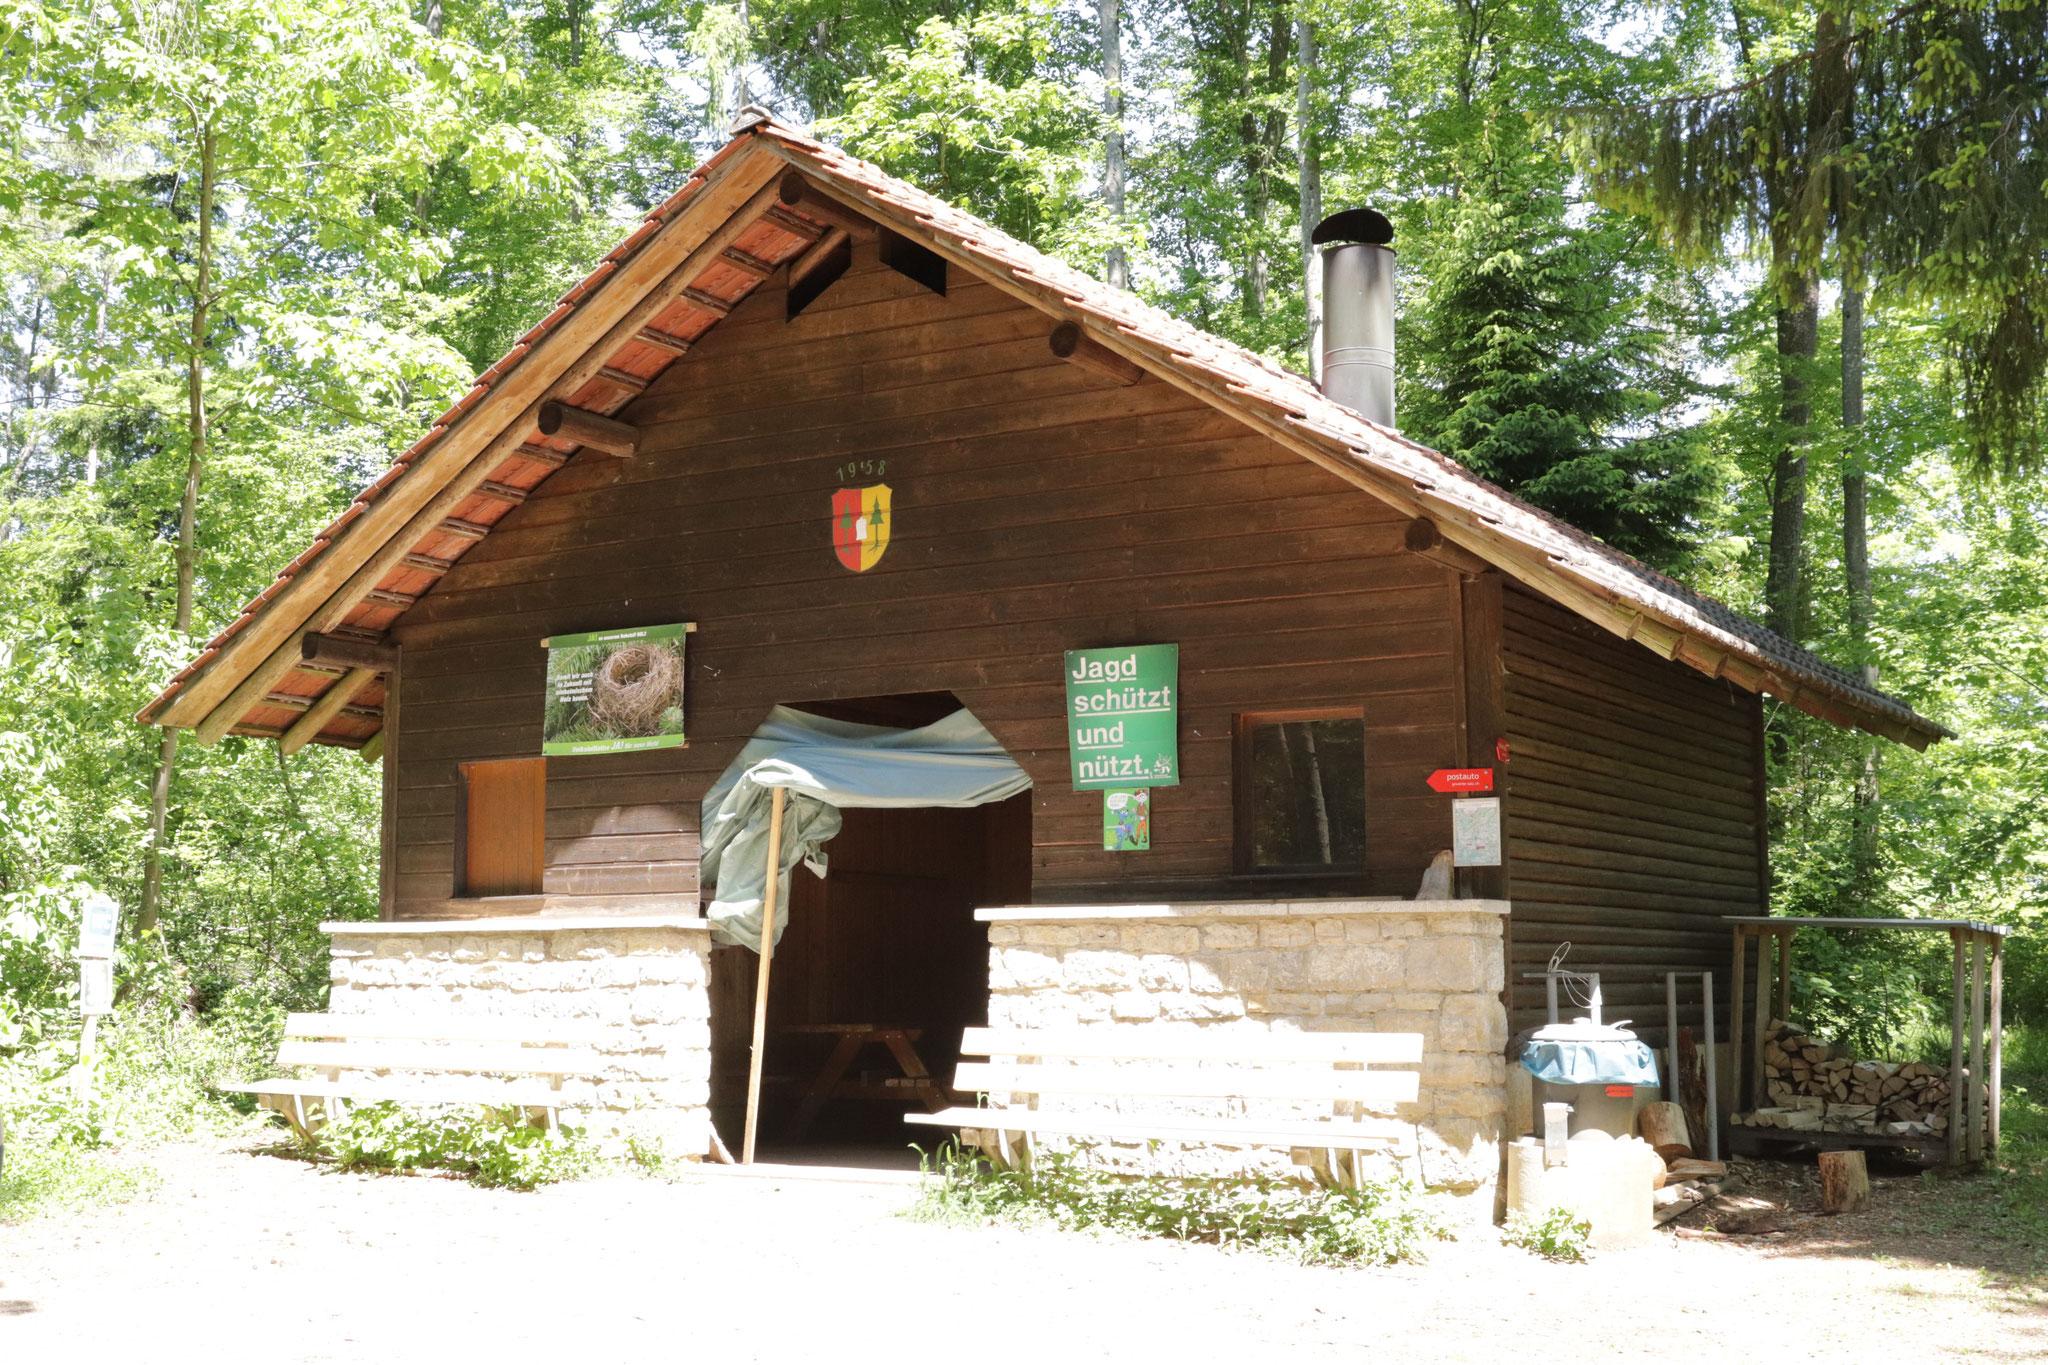 Das Ziel: Waldhütte Genter ob Sulz